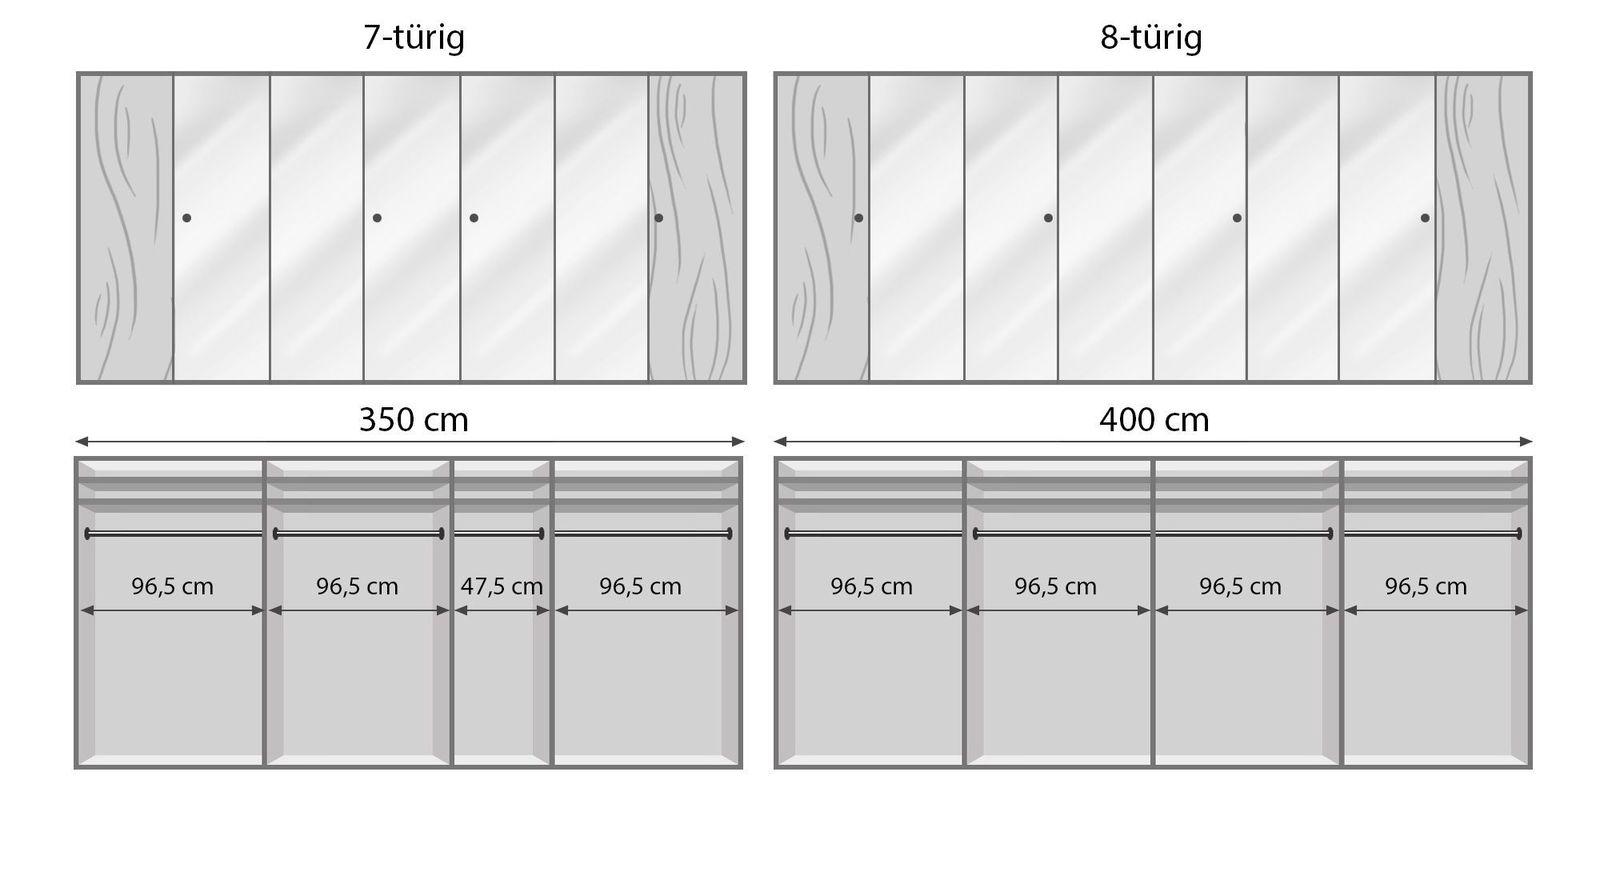 Spiegel-Kleiderschrank Aliano mit Infografik zur Einteilung der Module